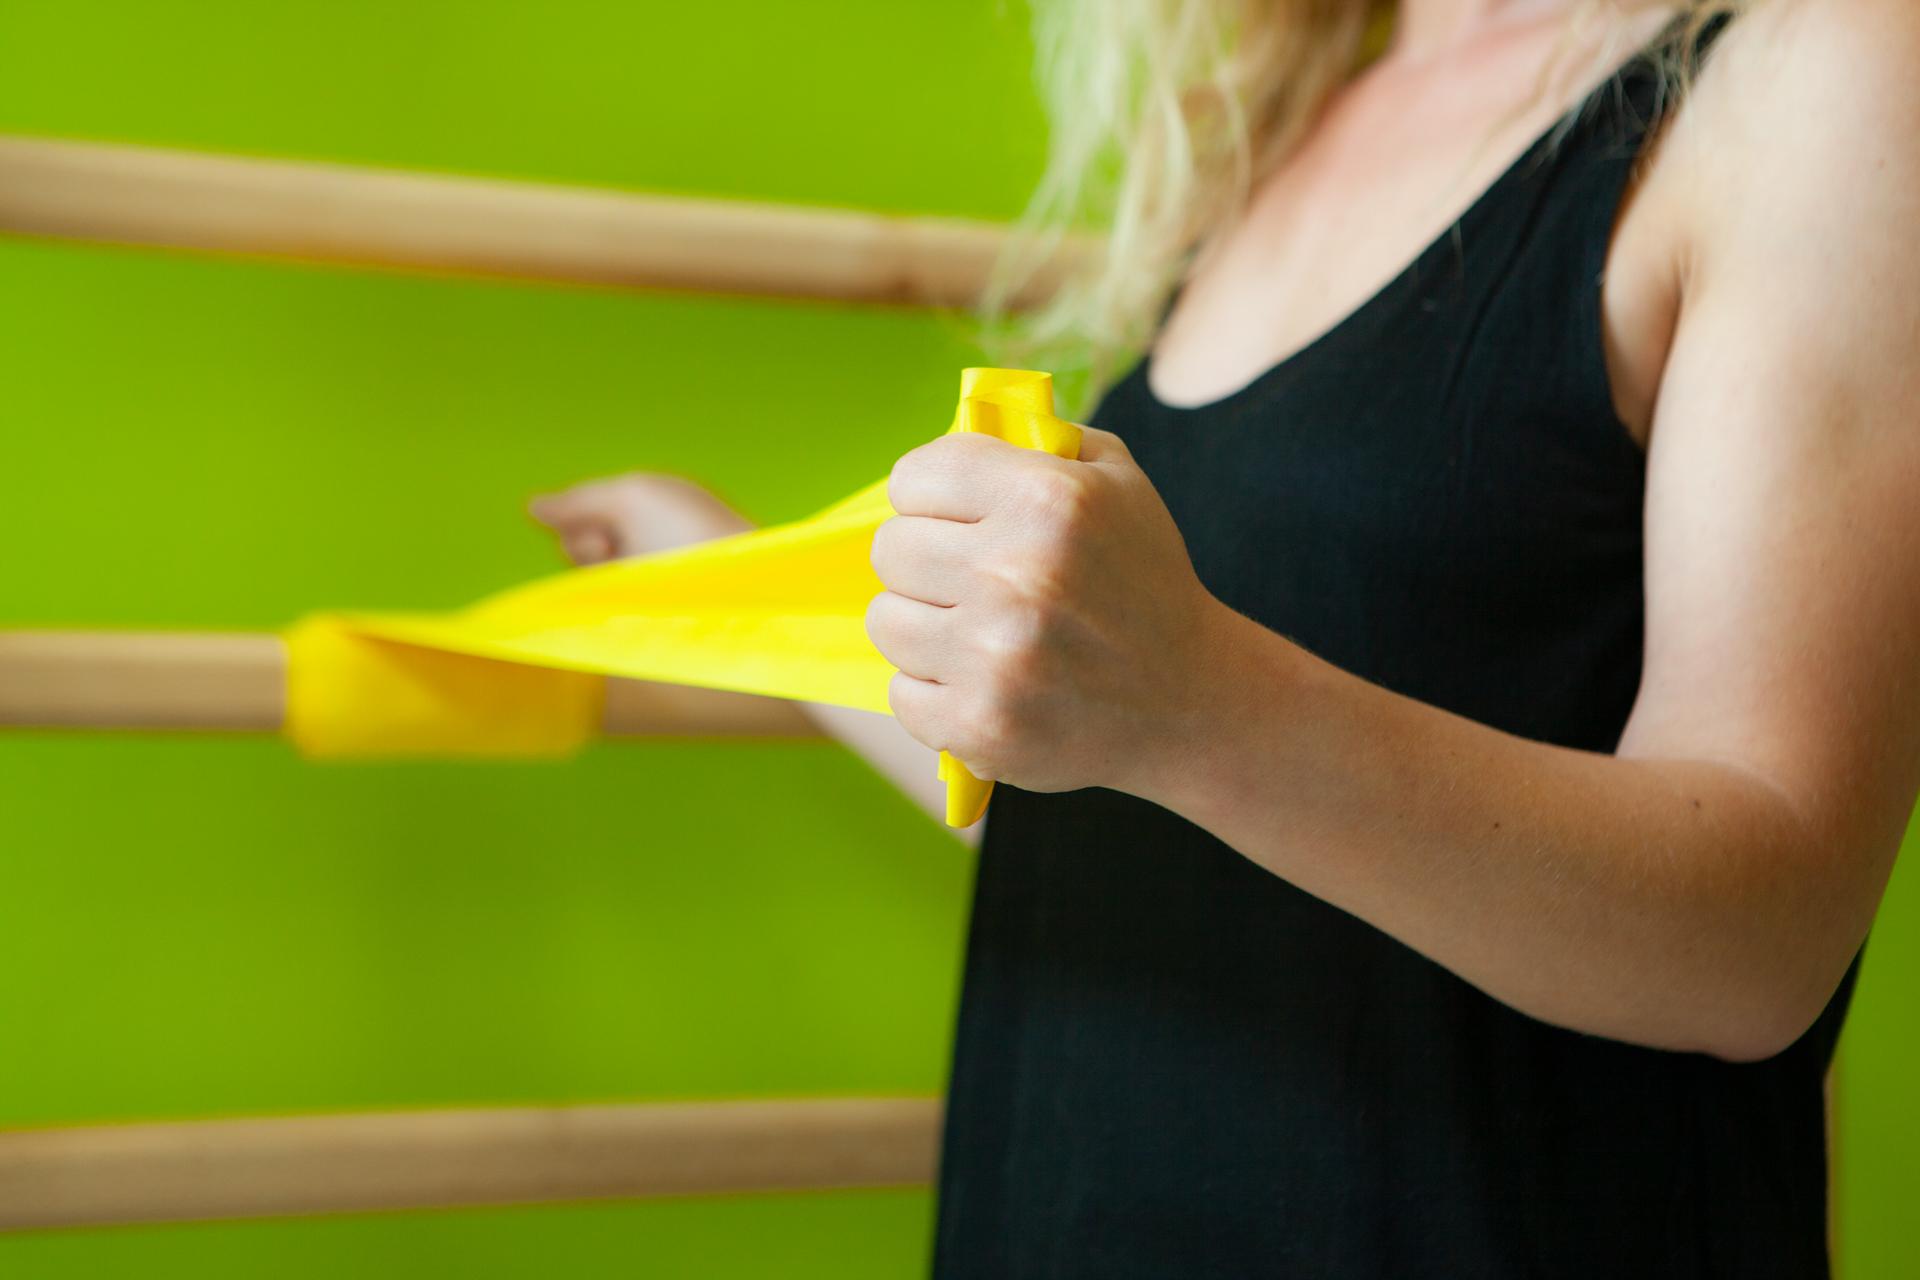 Esercizio fisioterapico di rinforzo per la muscolatura della spalla - cuffia dei rotatori